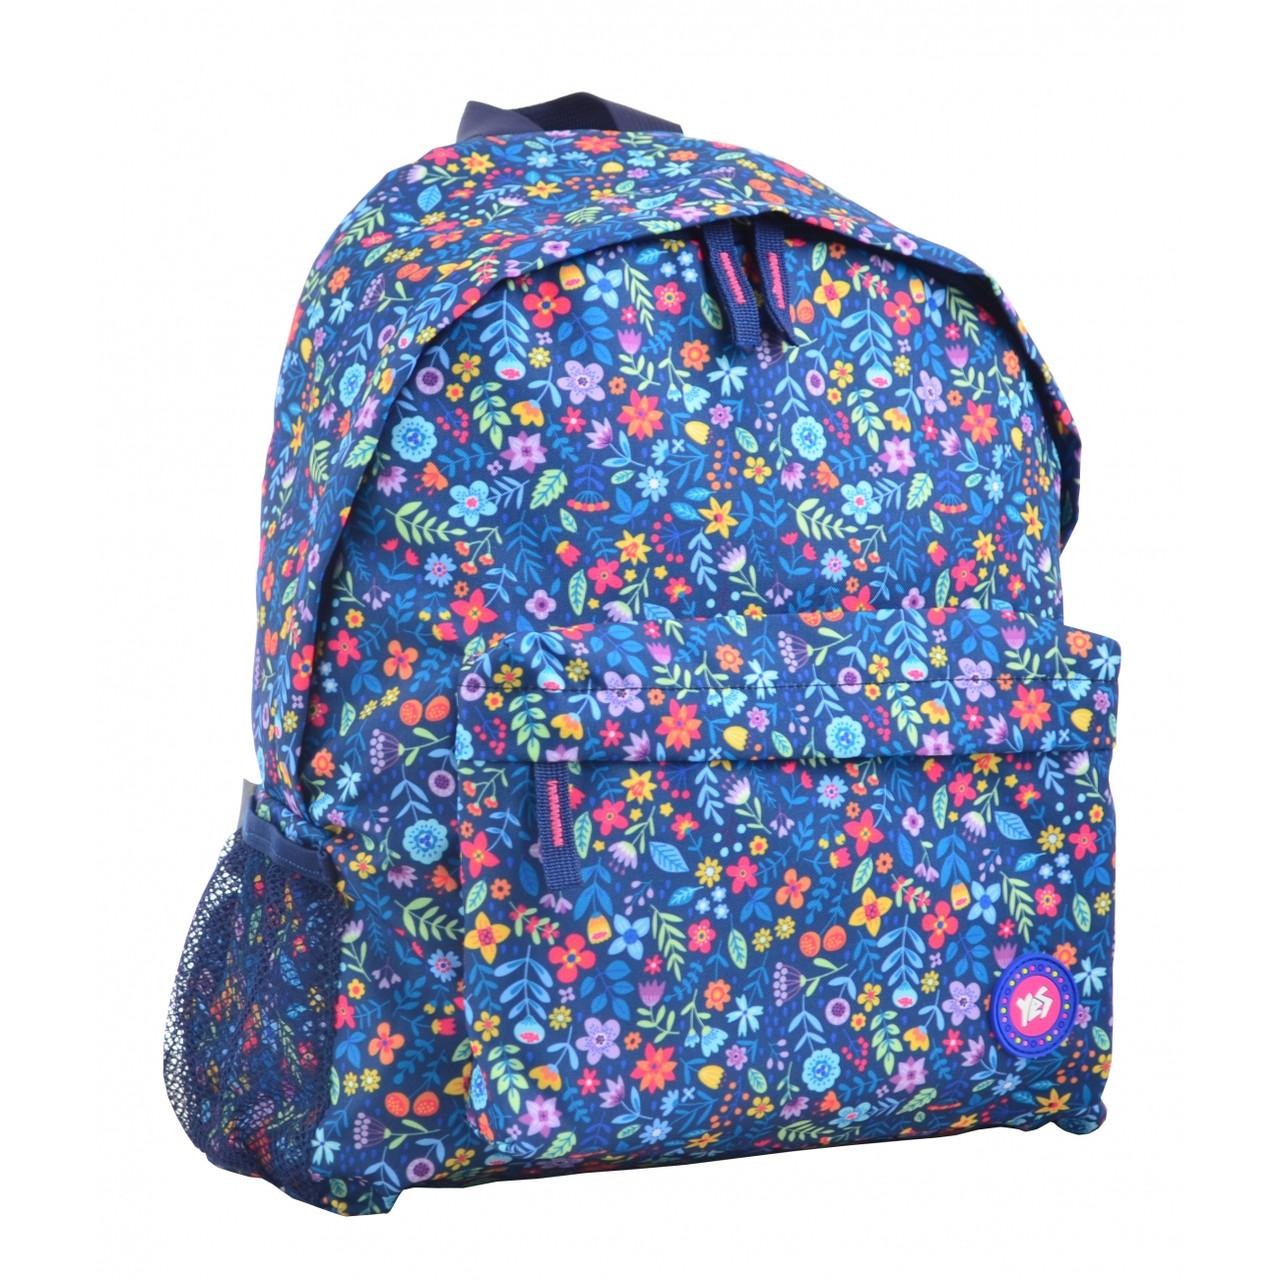 Рюкзак молодежный ST-33 Dense, 35*29*12